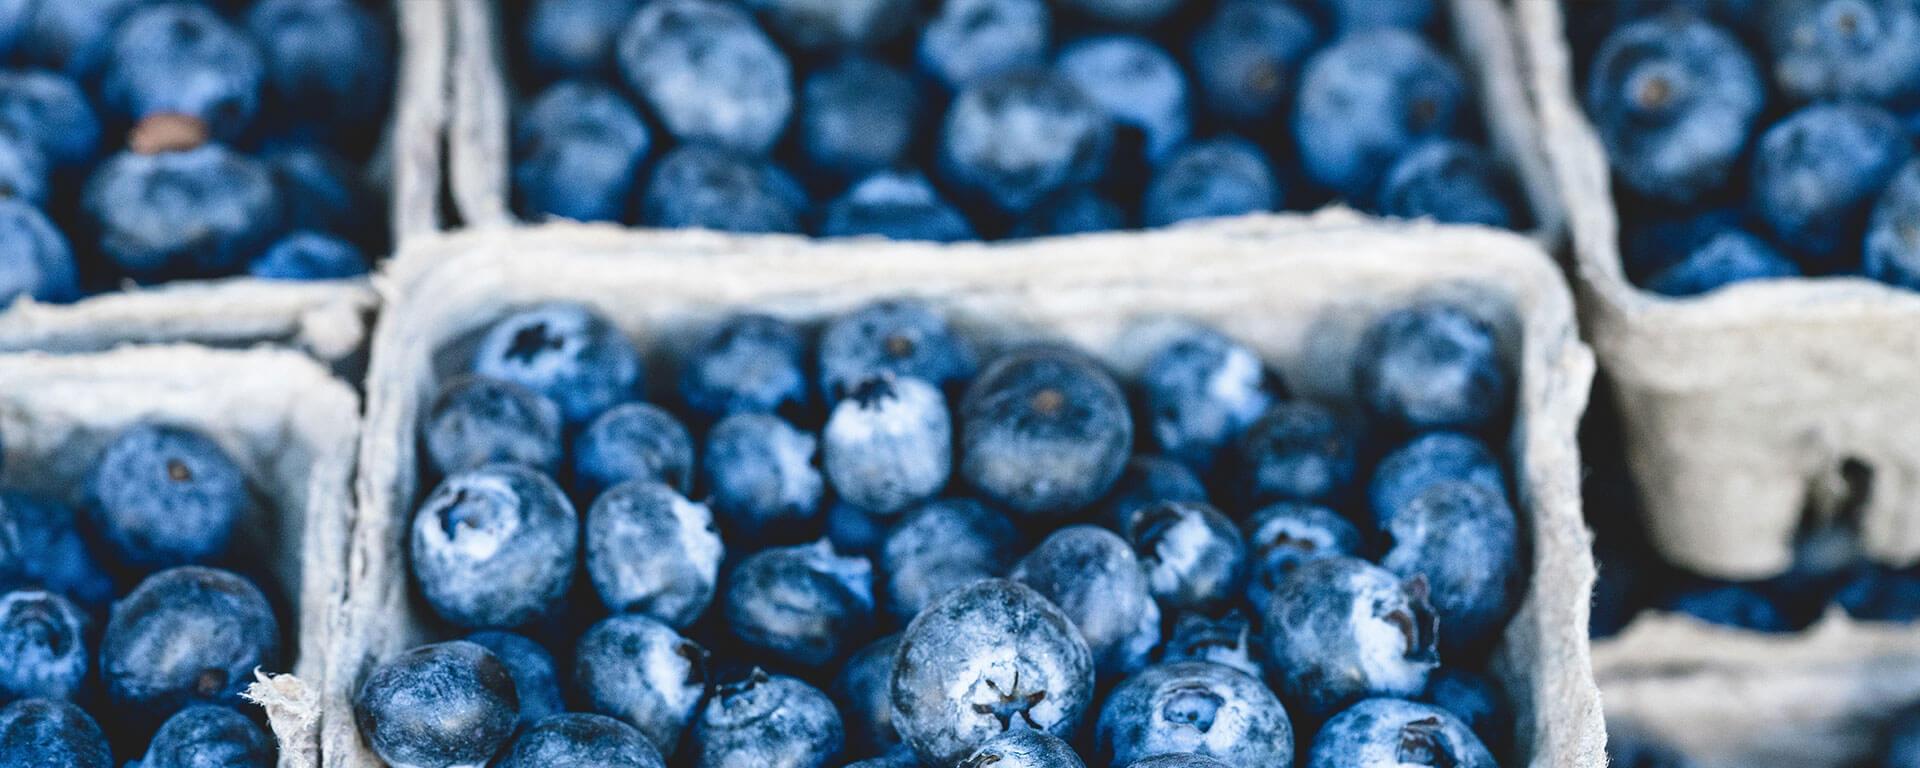 Husmann´s Obstgärten Heidelbeeranbau & Heidelbeer Pflanzenproduktion - hohe deutsche Qualität